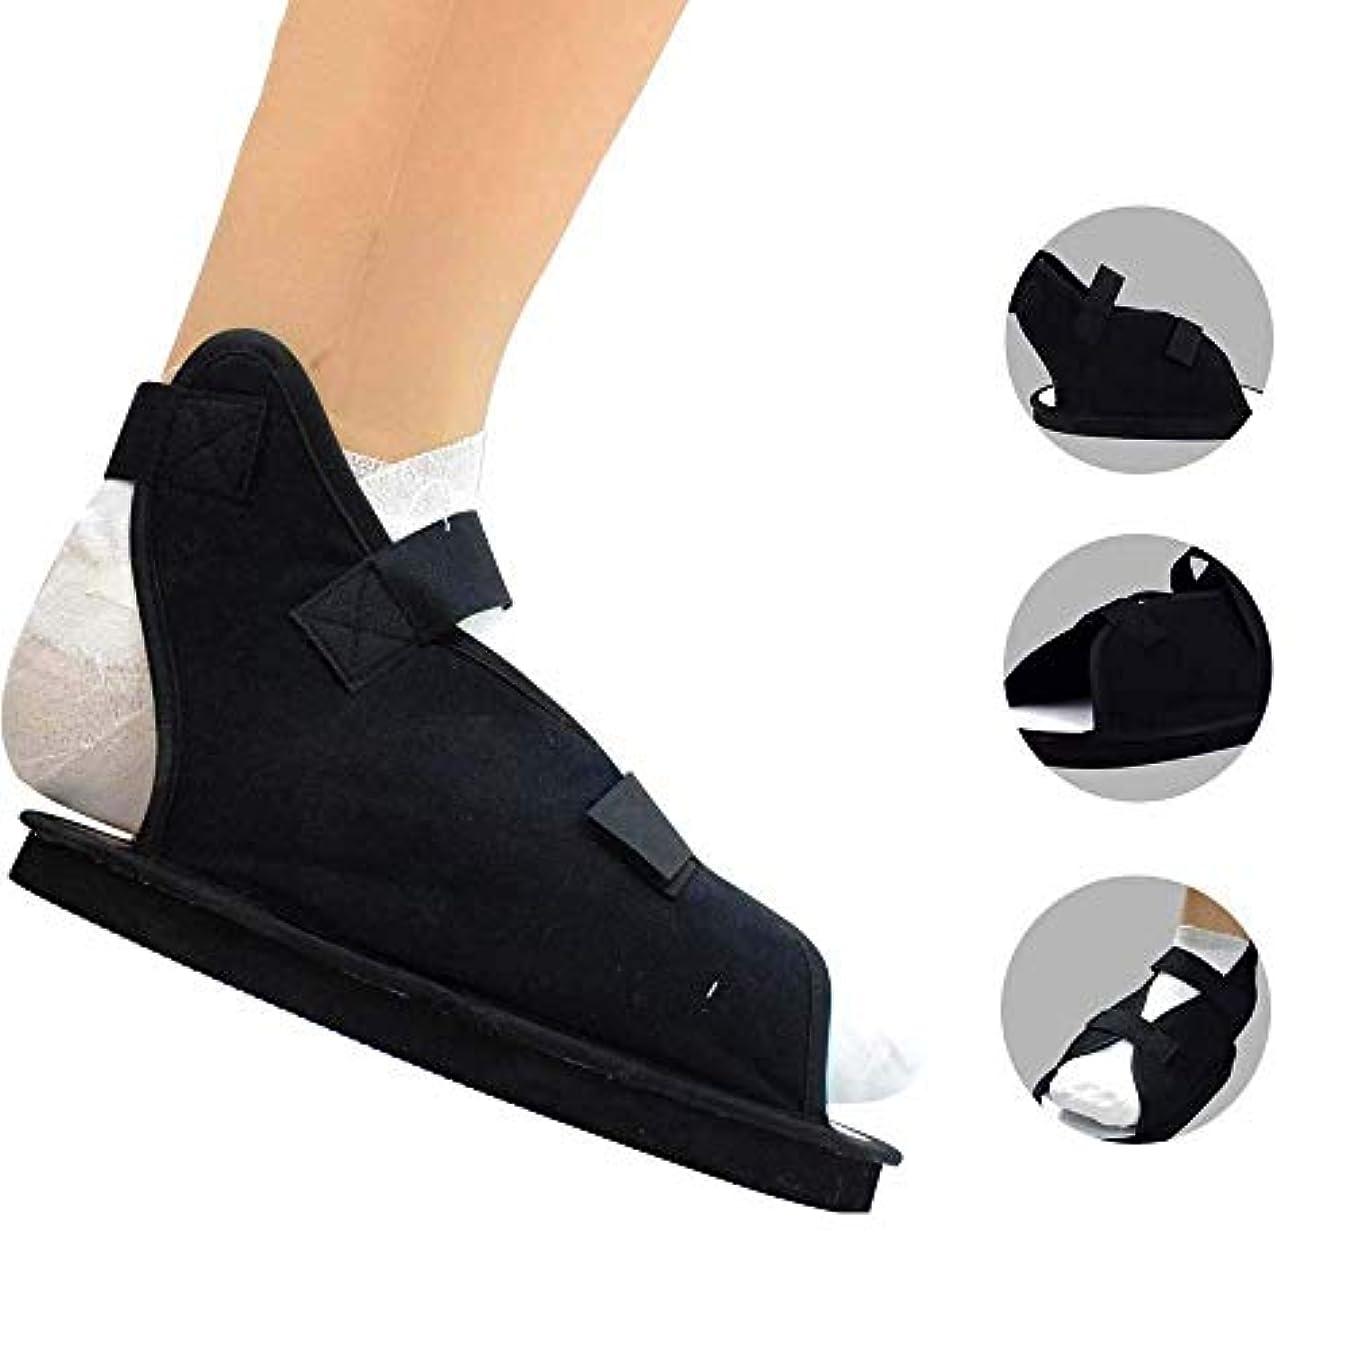 ねばねば硫黄ジーンズ術後靴、傷害後の外科用フットキャスト医療用ウォーキングブーツ (Size : S)